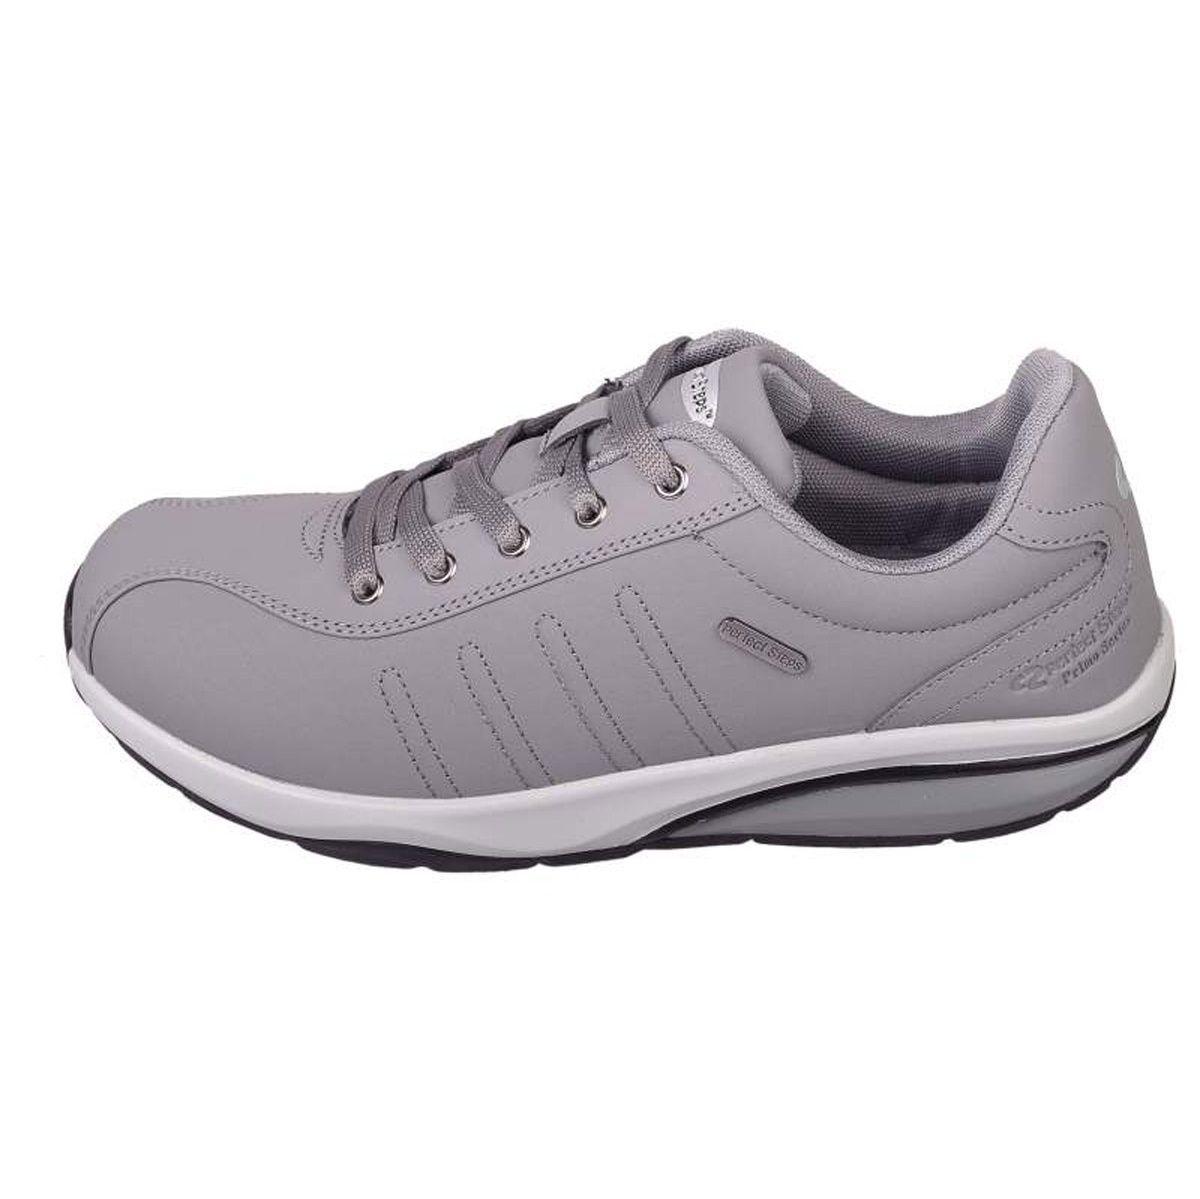 کفش مخصوص پیاده روی زنانه پرفکت استپس مدل پریمو رنگ طوسی -  - 2